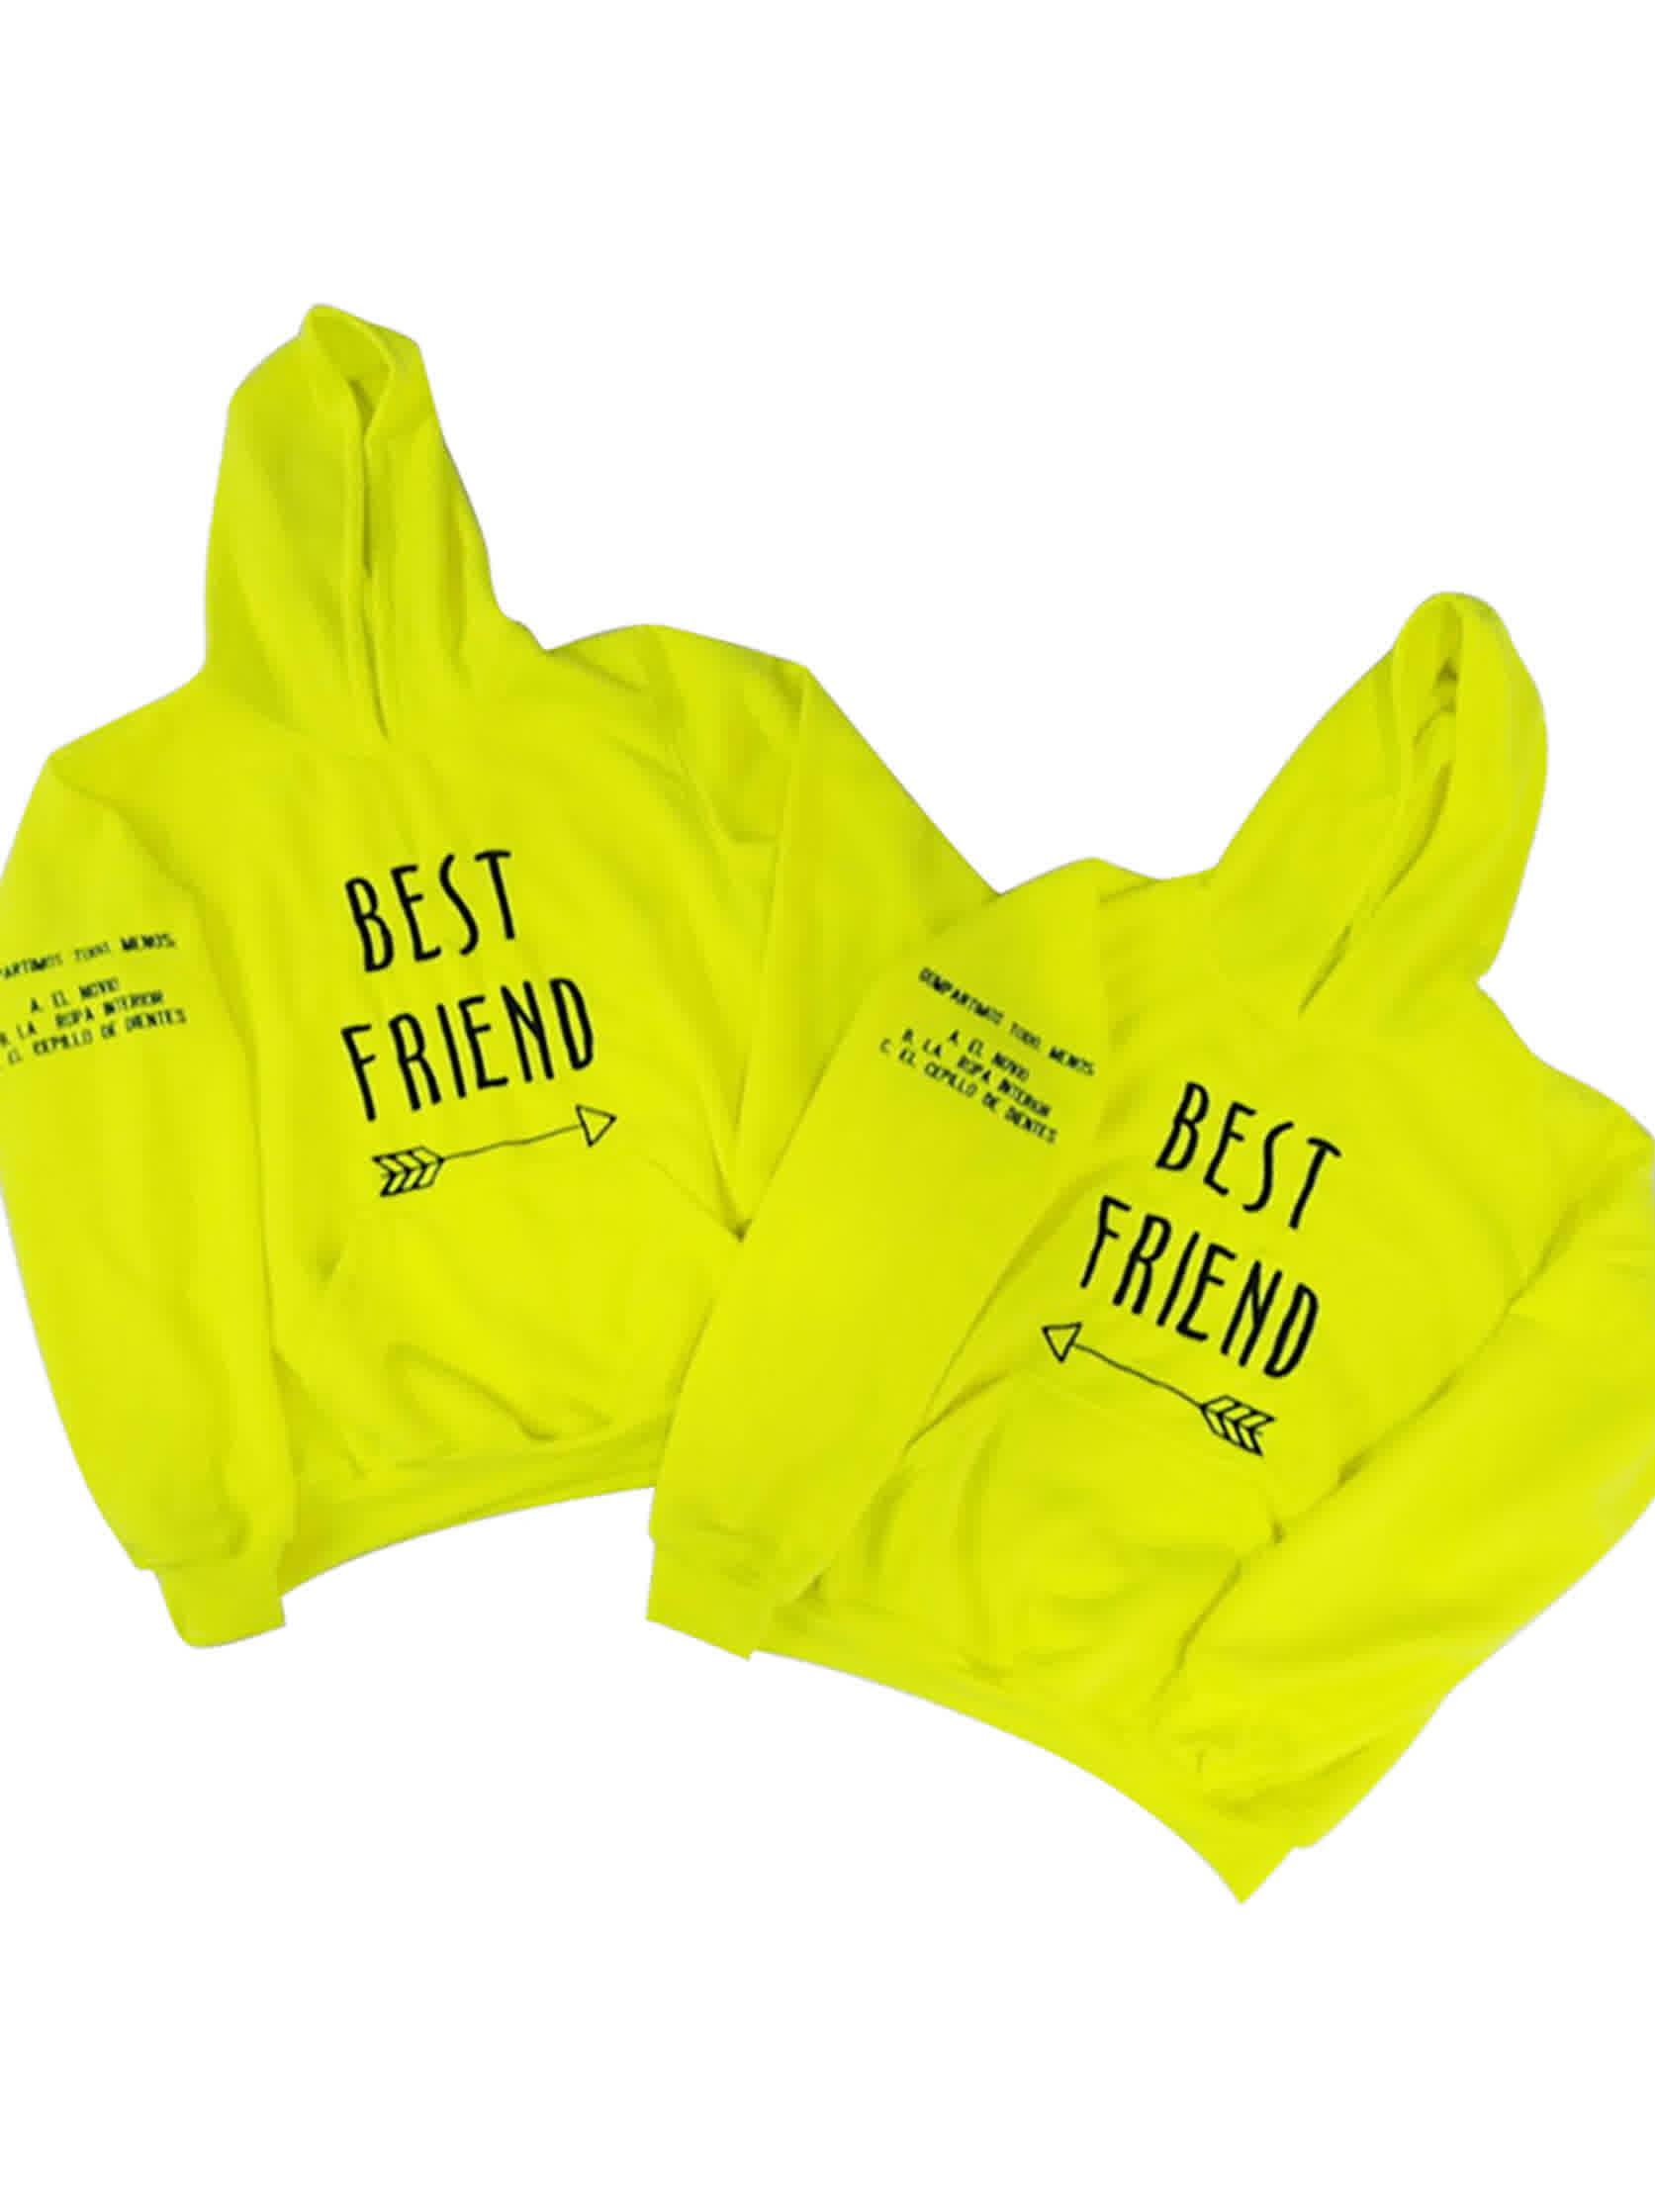 buzos personalizados para amigas